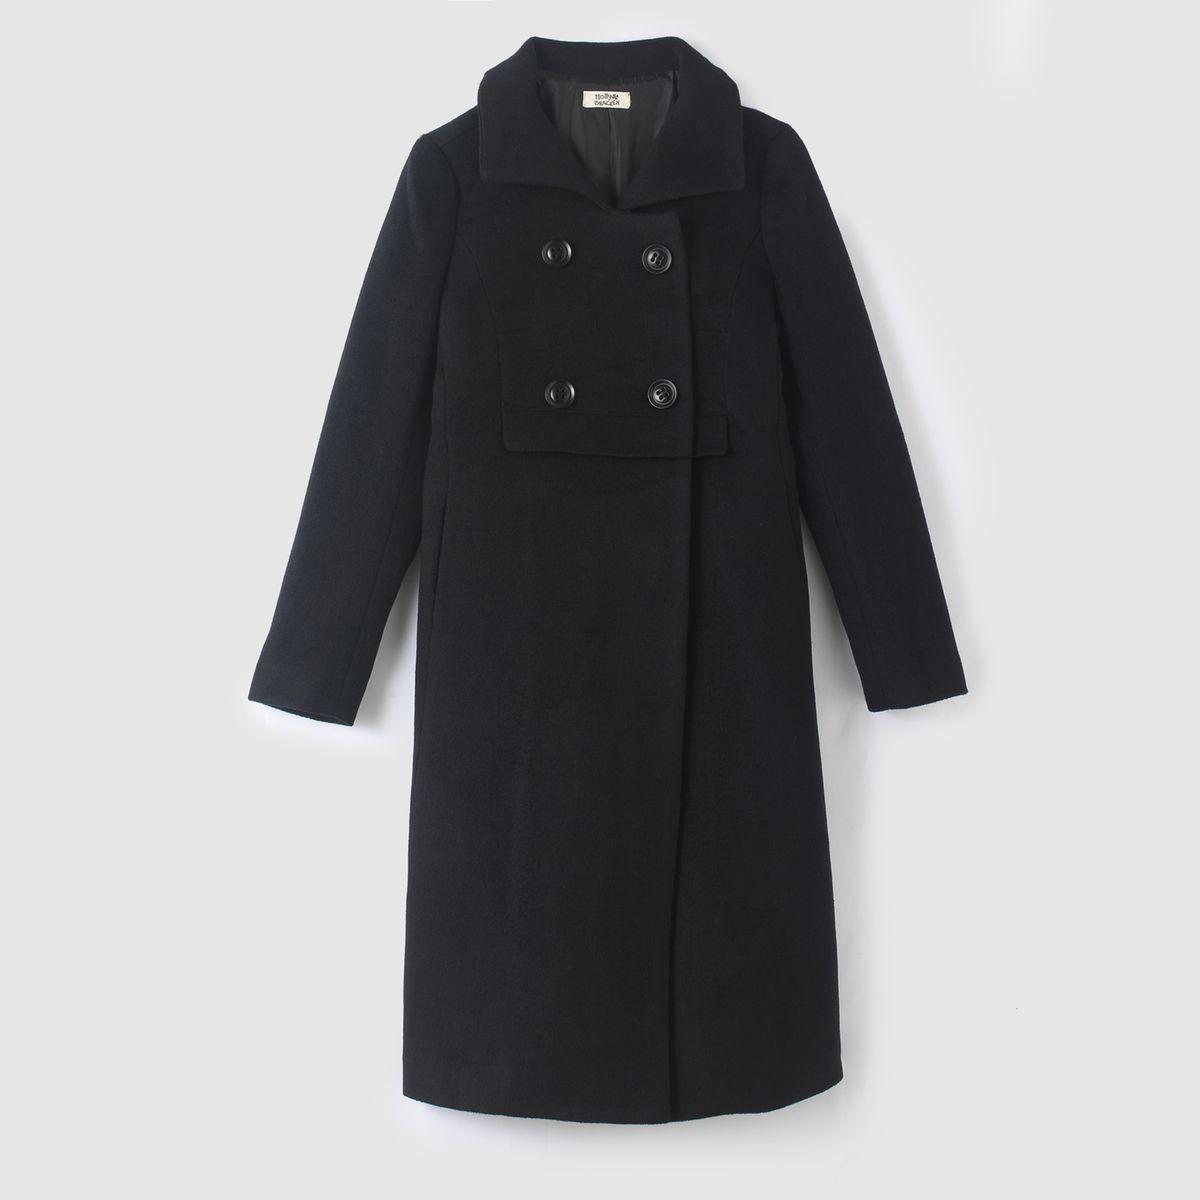 Manteau caban long, 4 boutons